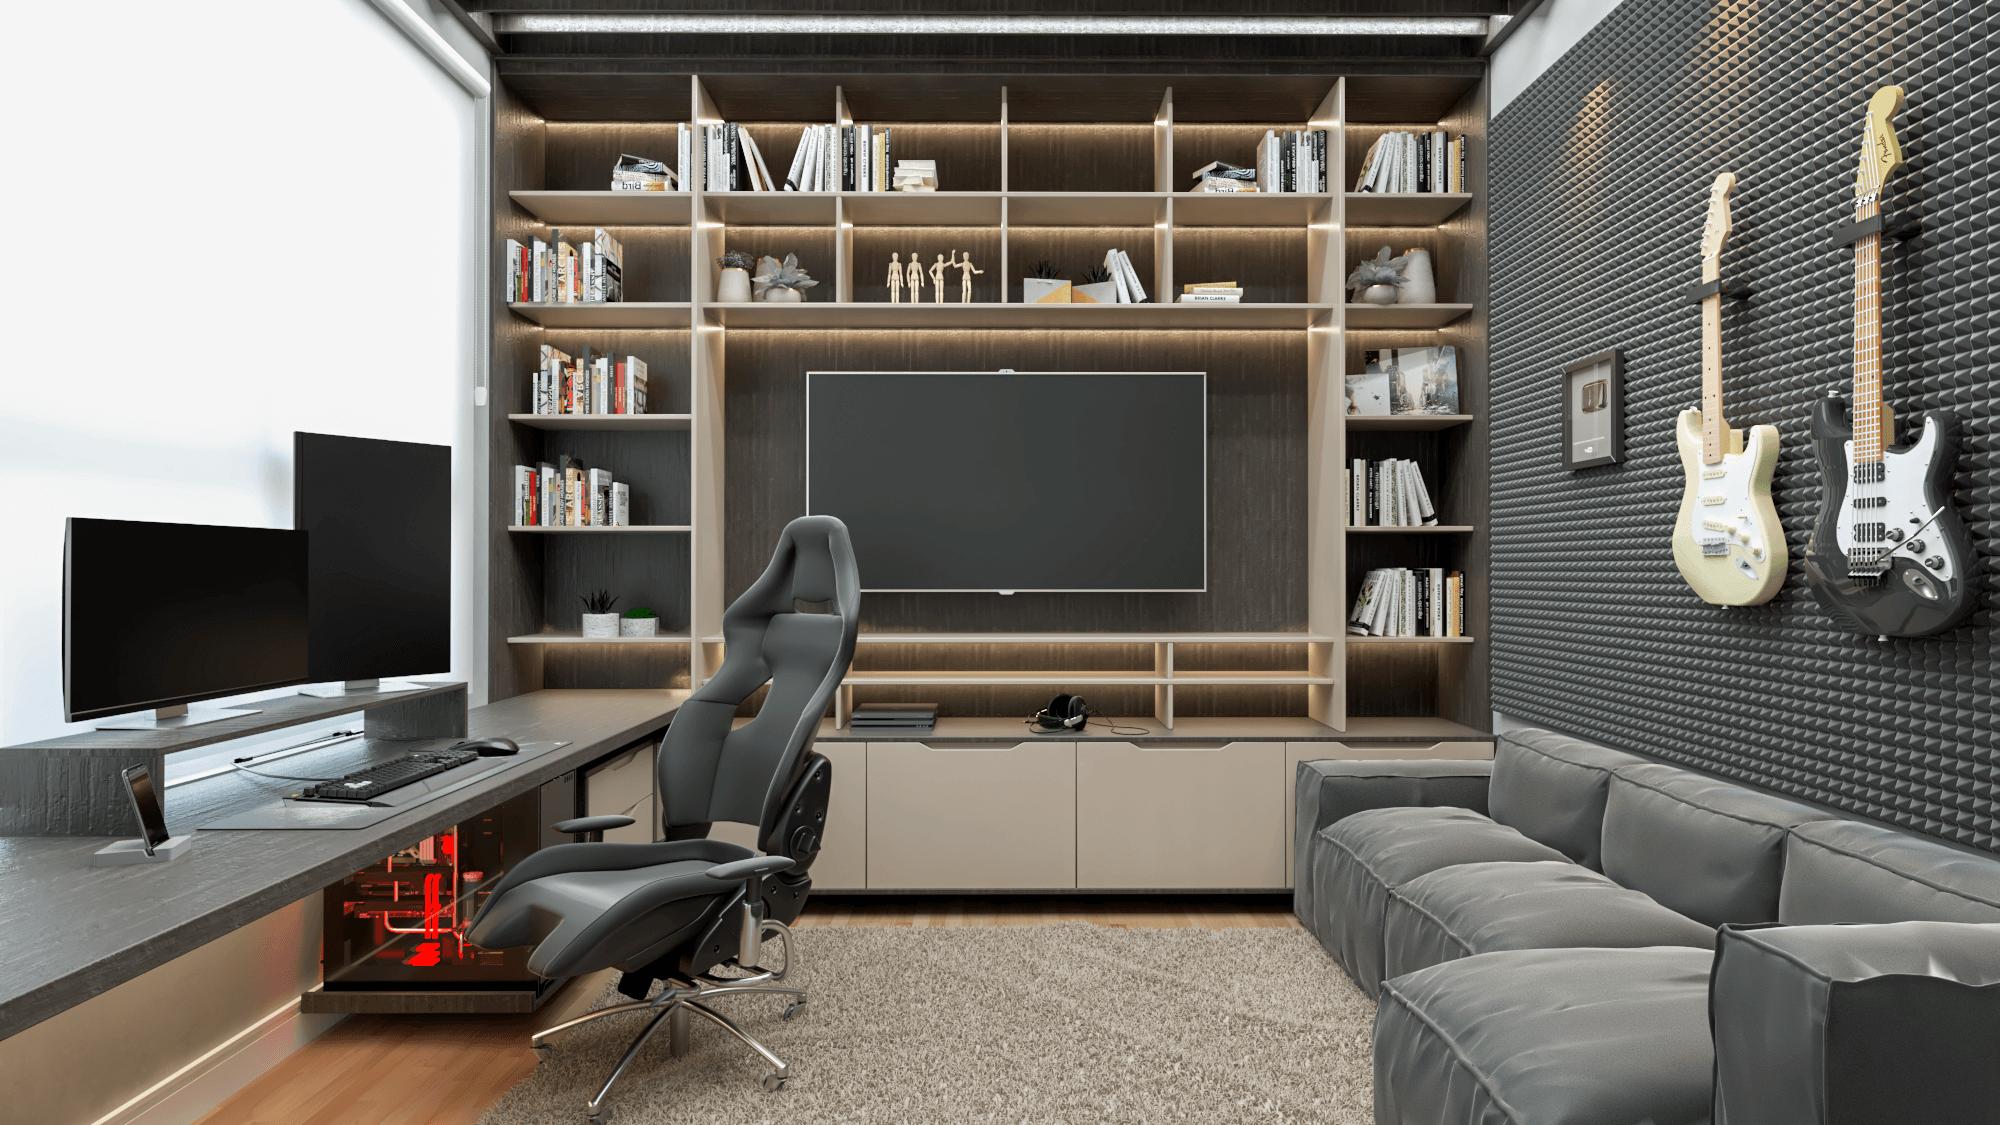 home office tom de bege e madeira escura - office do creator - móveis personalizados